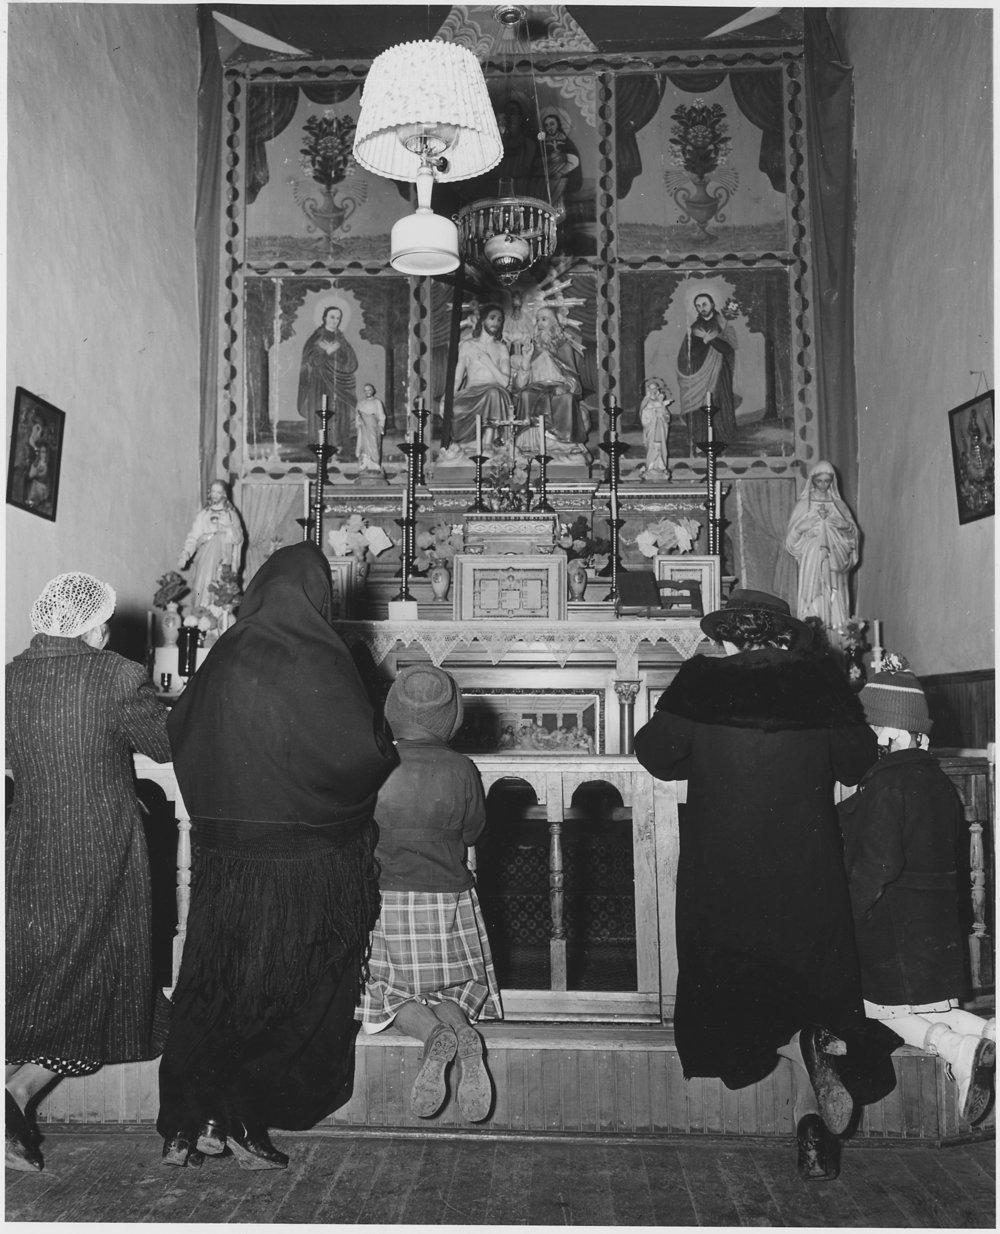 Taos_County,_New_Mexico._Prayer_before_altar_of_church_at_Arroyo_Seco._-_NARA_-_521929.jpg